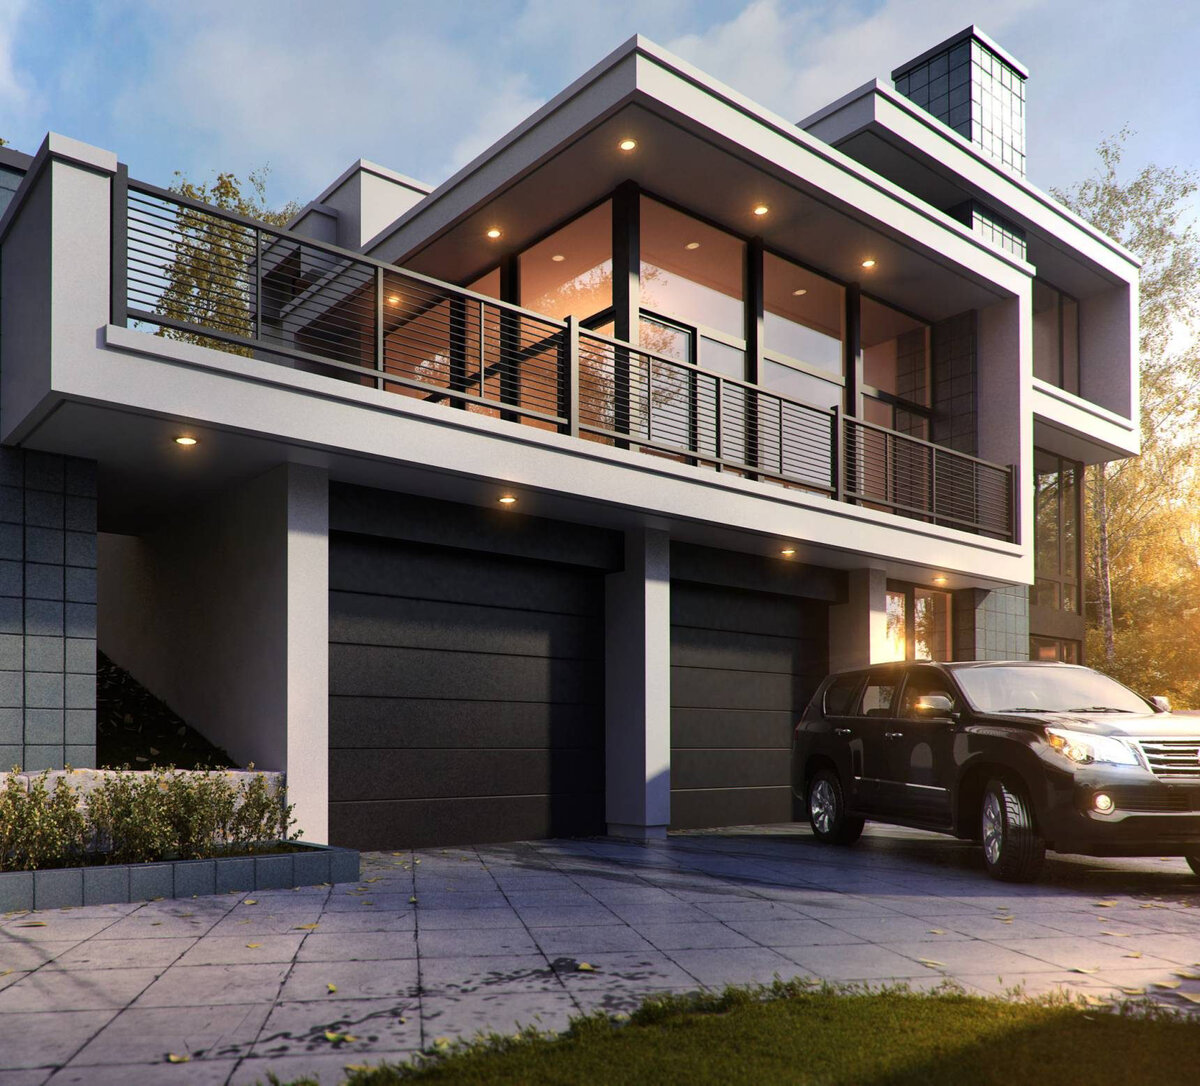 клеймения проекты загородных домов в стиле хайтек фото палисадники оформляются